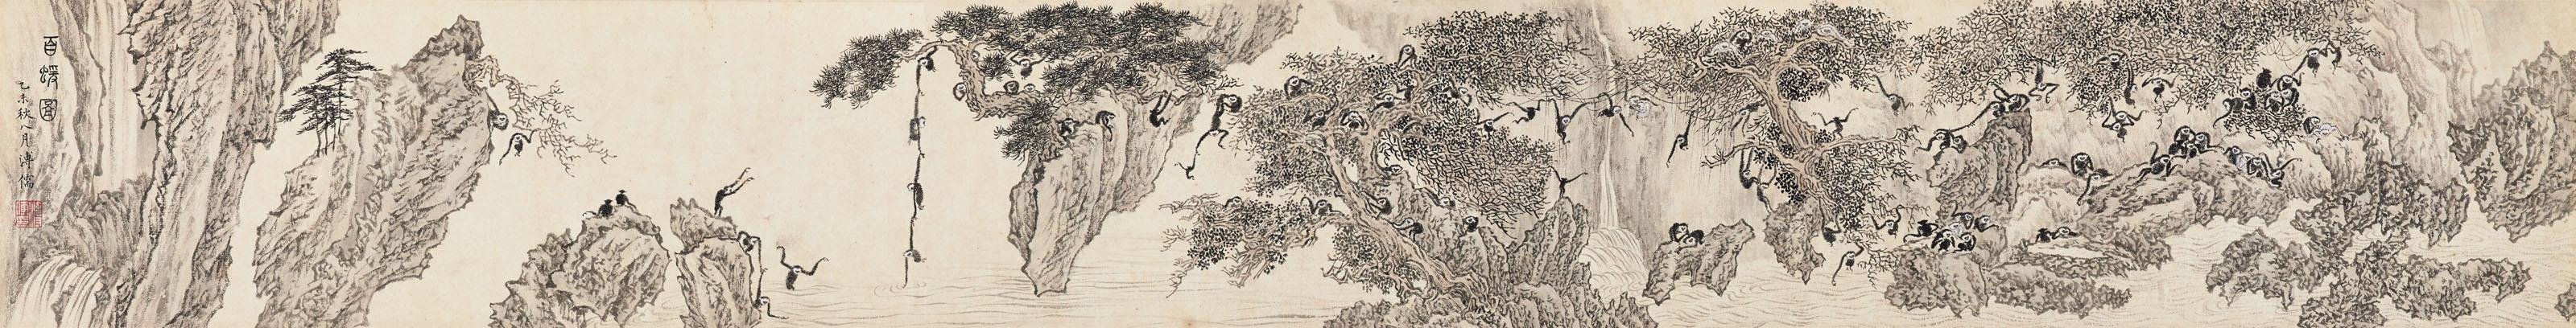 A Hundred Monkeys